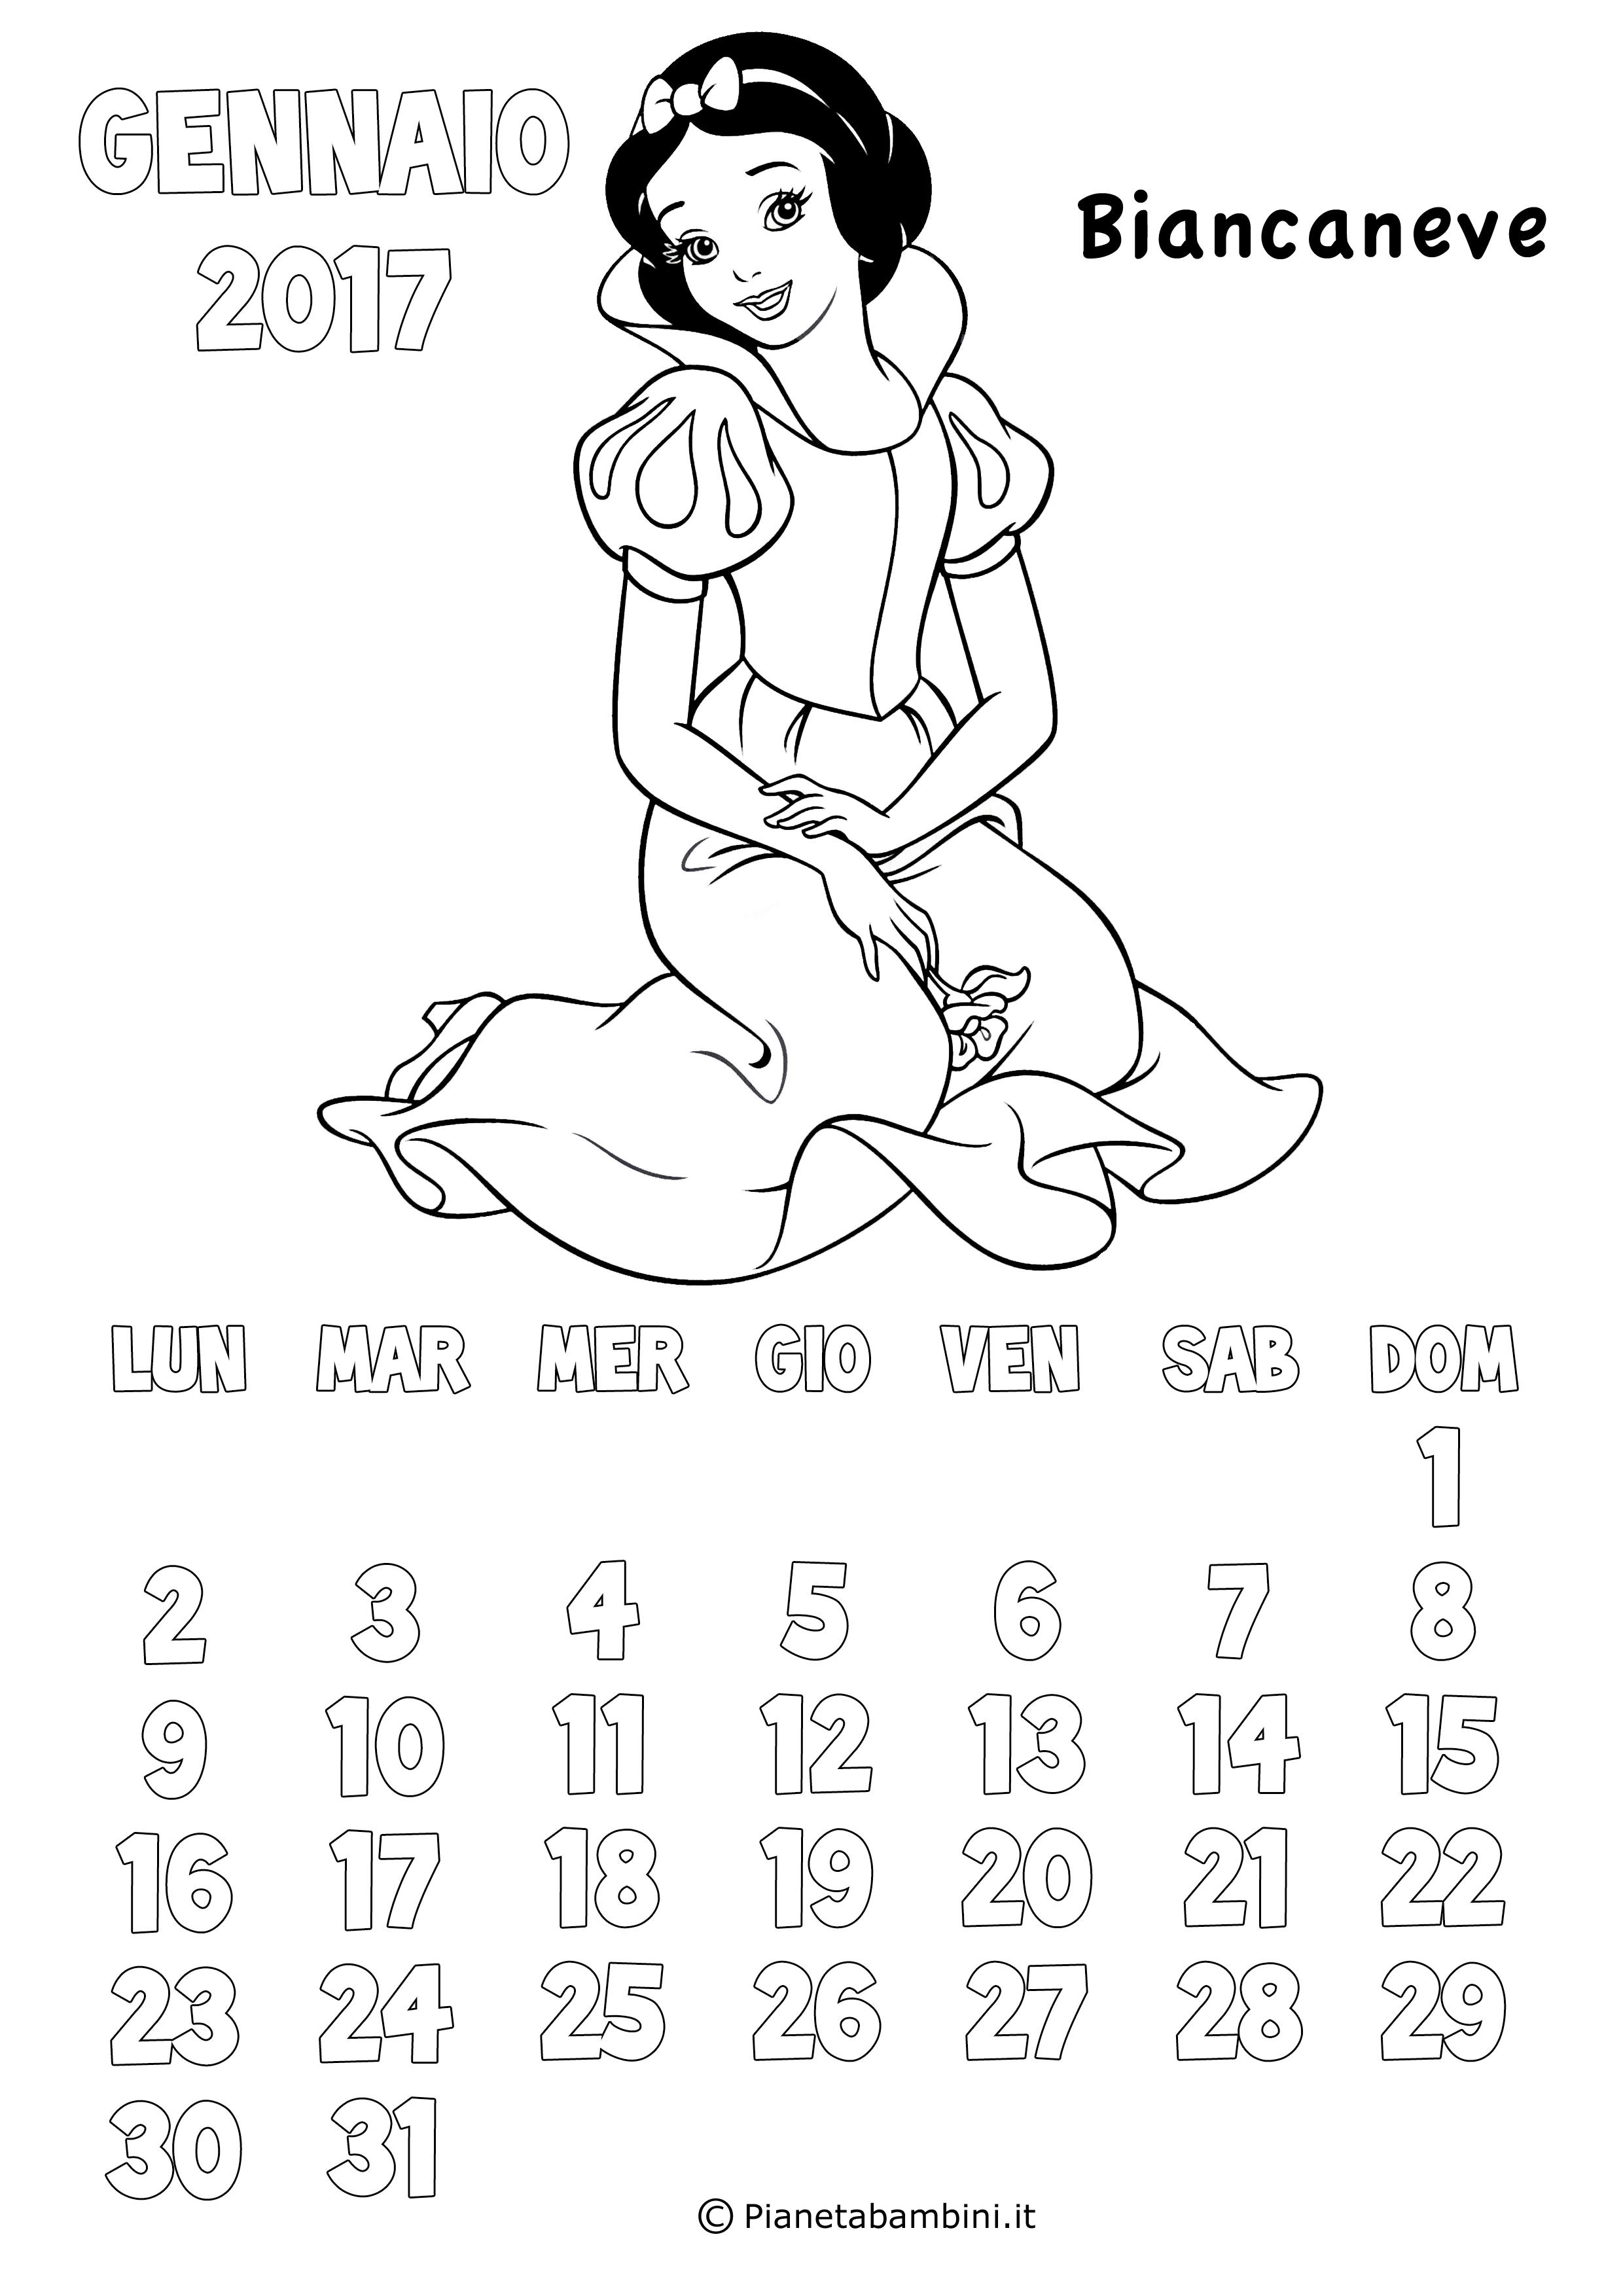 gennaio-2017-biancaneve